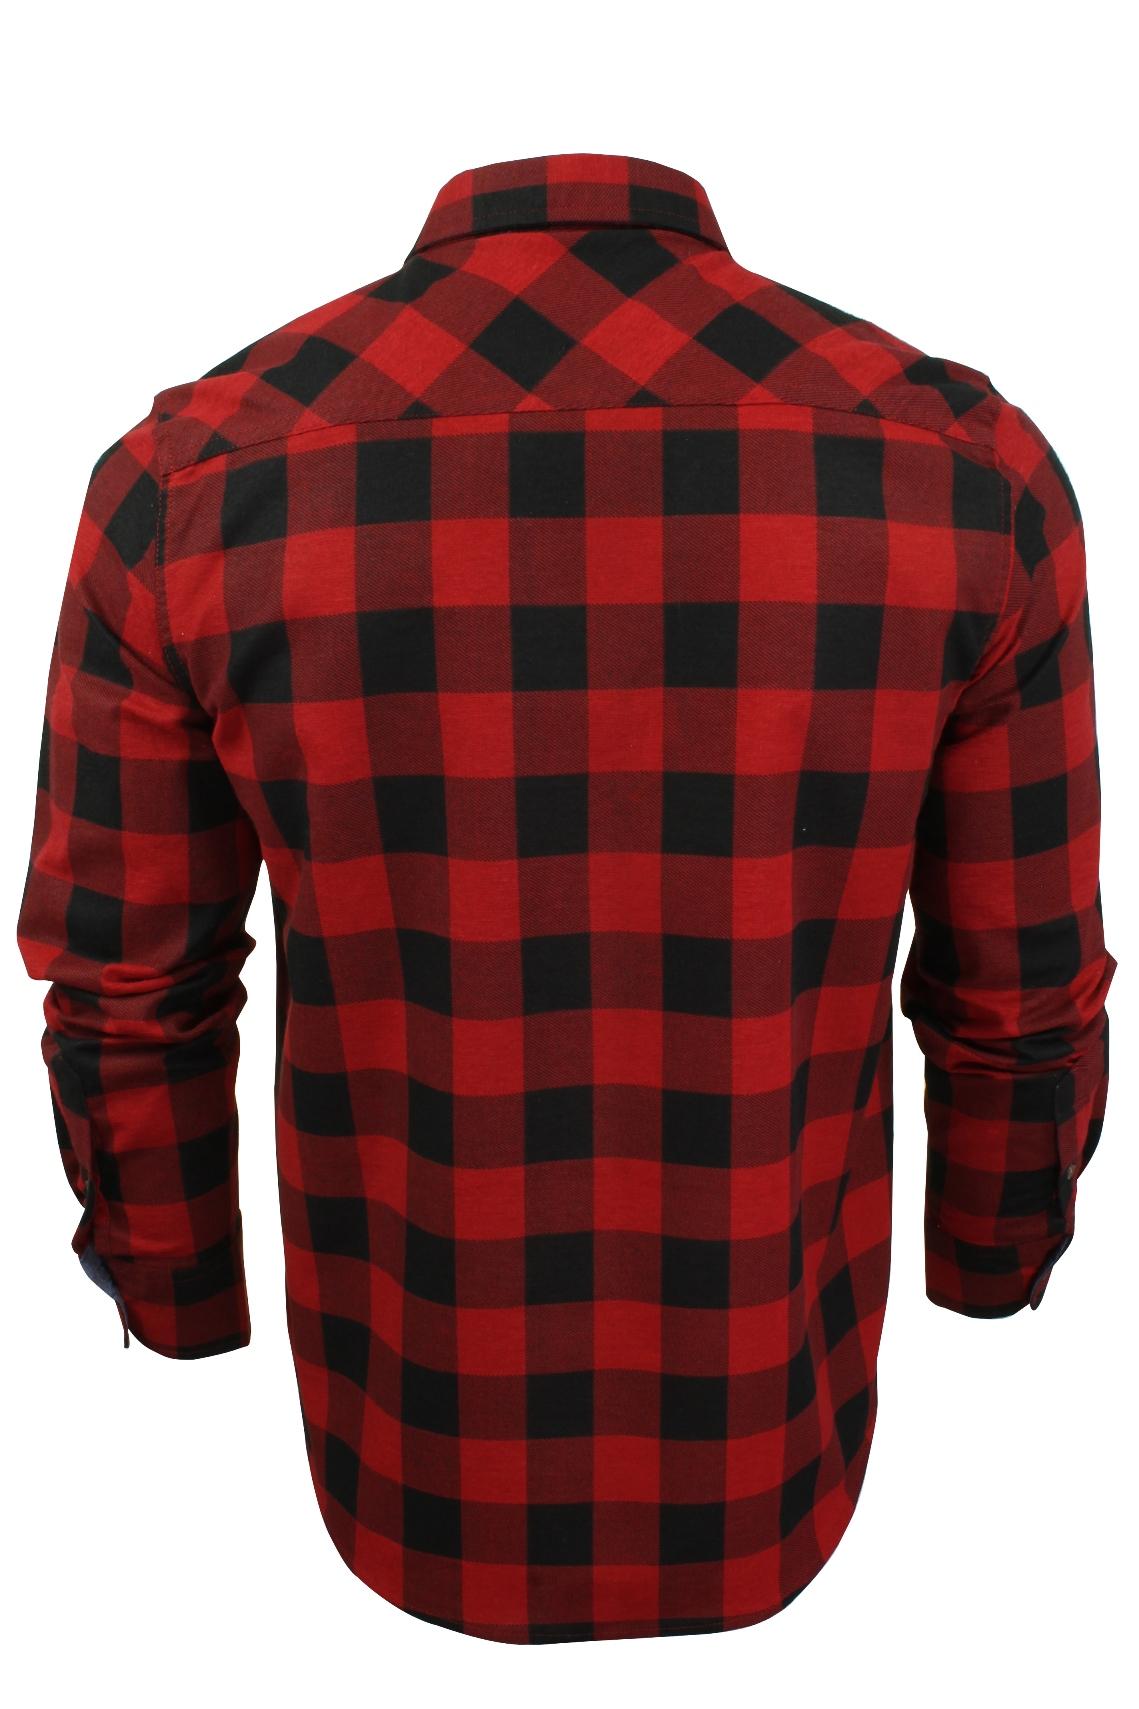 Verificacion-de-franela-de-algodon-cepillado-alma-valiente-camisa-de-mangas-largas-De-Jack miniatura 21